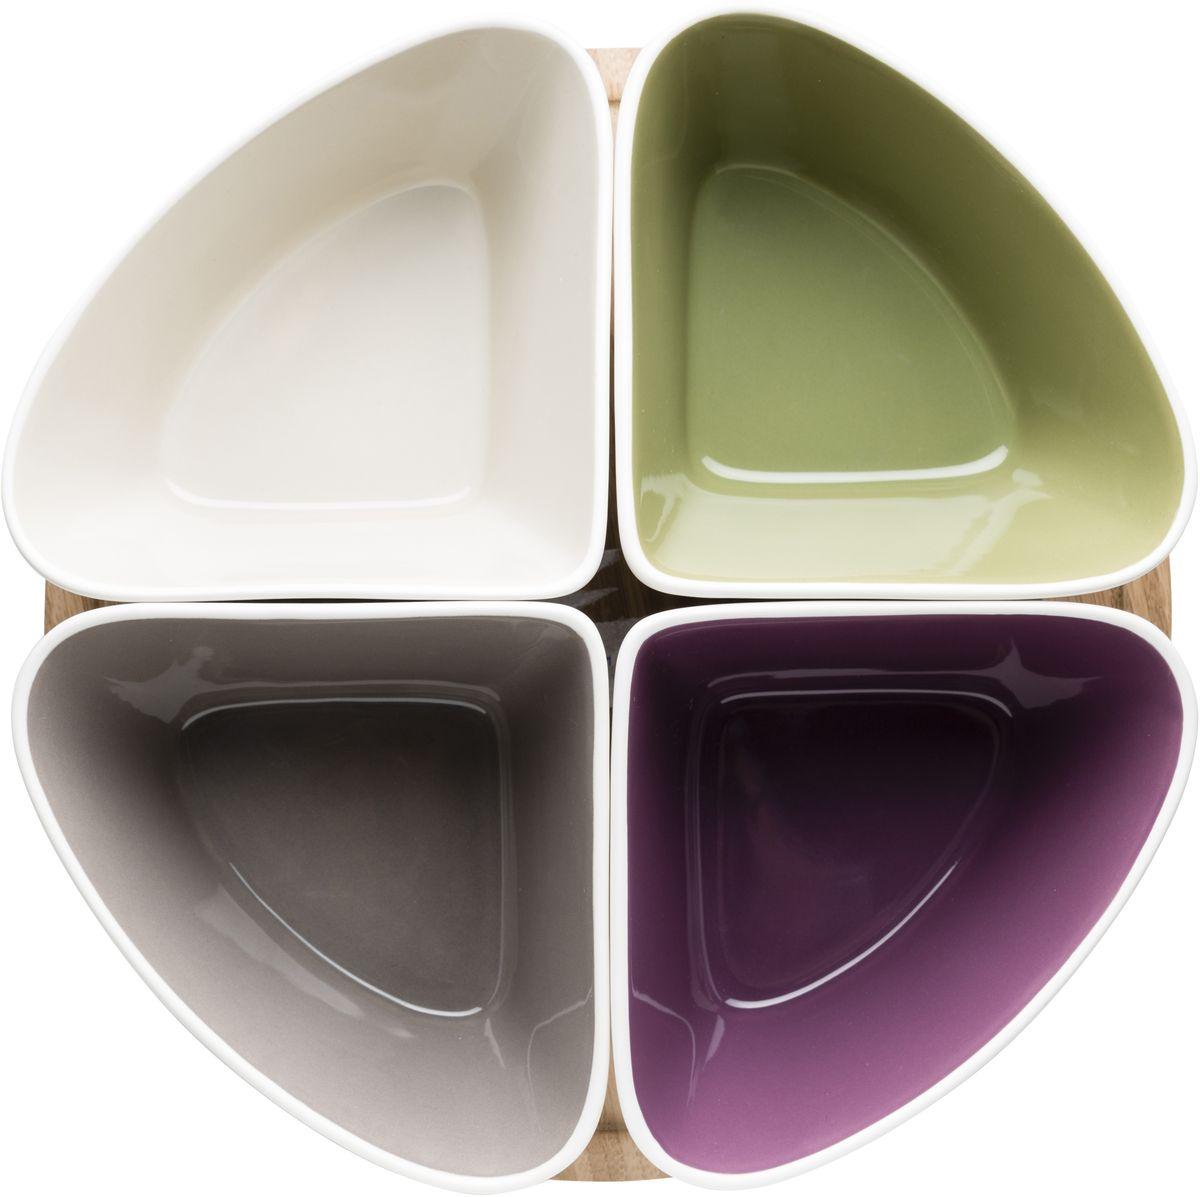 Менажница Sagaform Taste, на подставке, 4 секции. 50165495016549Менажница Sagaform Taste, изготовленная из высококачественной керамики, состоит из 4 секций-емкостей, установленных на подставку из натурального дуба. Некоторые блюда можно подавать только в менажнице, чтобы не произошло смешение вкусовых оттенков гарниров. Также менажница может быть использована в качестве посуды для нескольких видов салатов или закусок. Благодаря оригинальному элегантному дизайну менажница на подставке идеально впишется в интерьер вашей кухни и станет достойным подарком для родных и друзей. Количество секций: 4 шт. Размер секции: 17 см х 13 см х 9 см. Диаметр подставки: 27 см.